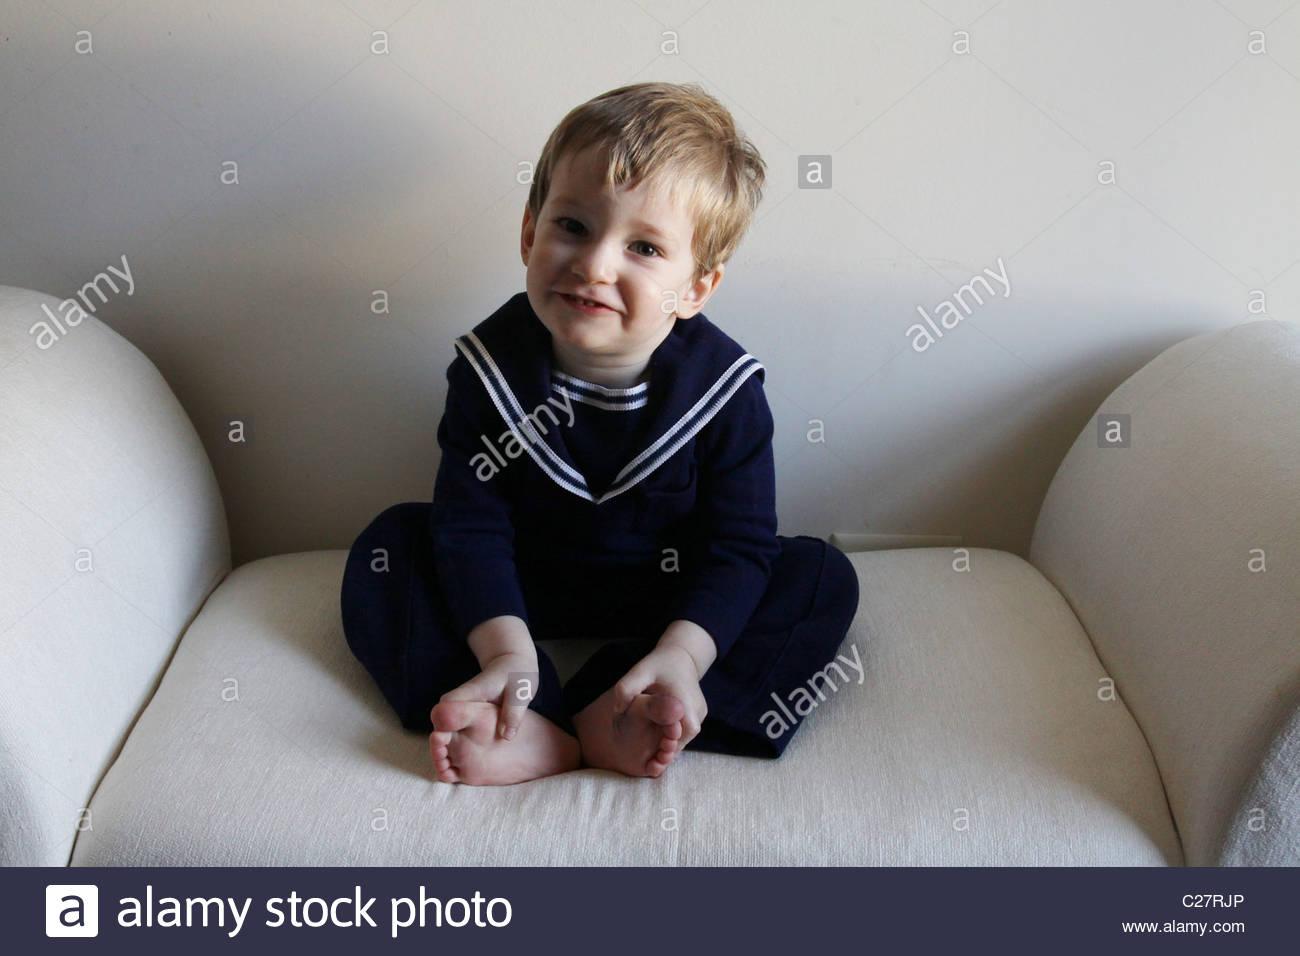 A cute 2 year old boy.